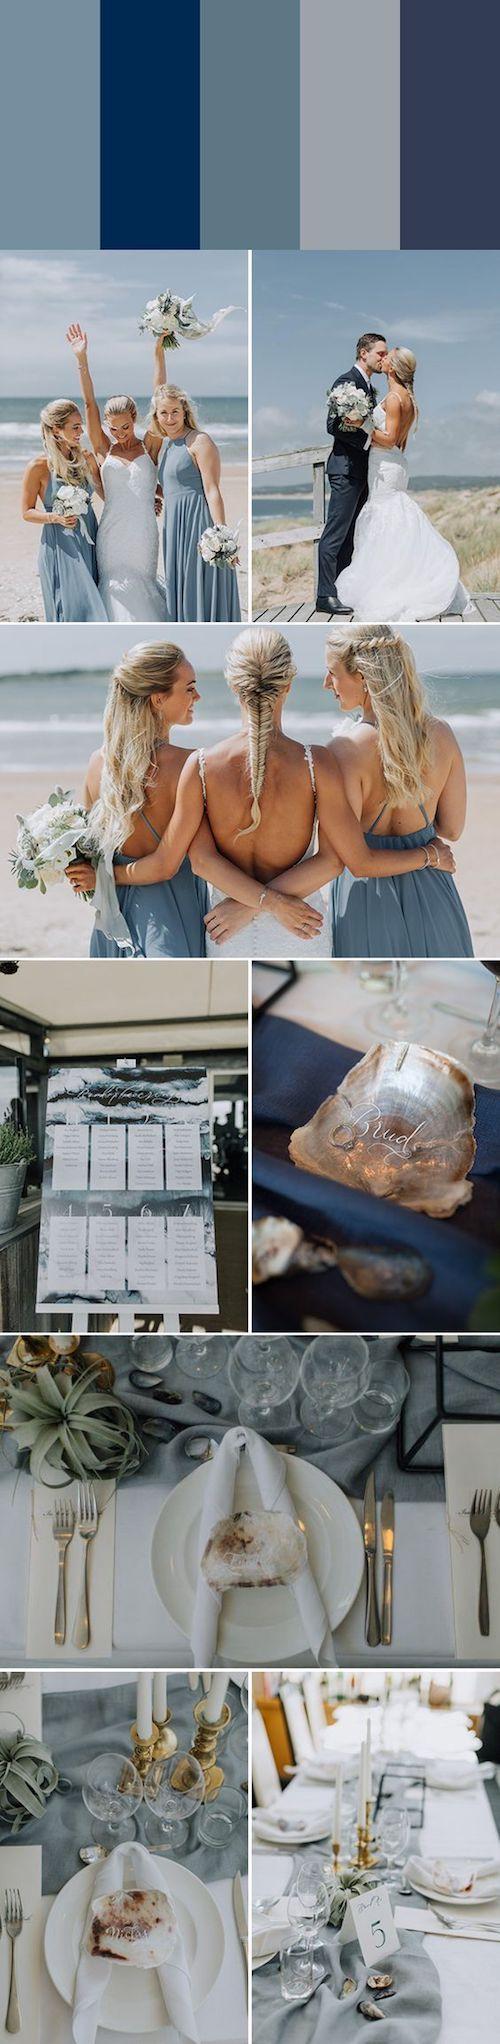 Paleta monocromática en azul. Una solución a la elección de los colores de tu boda. Delicada y perfecta. Foto: Matilda Söderström Photography.